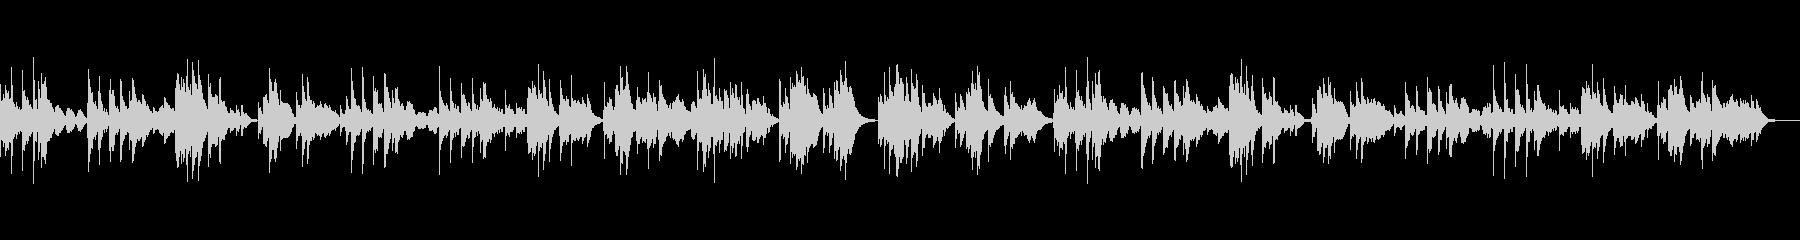 切ないハープのバラードの未再生の波形